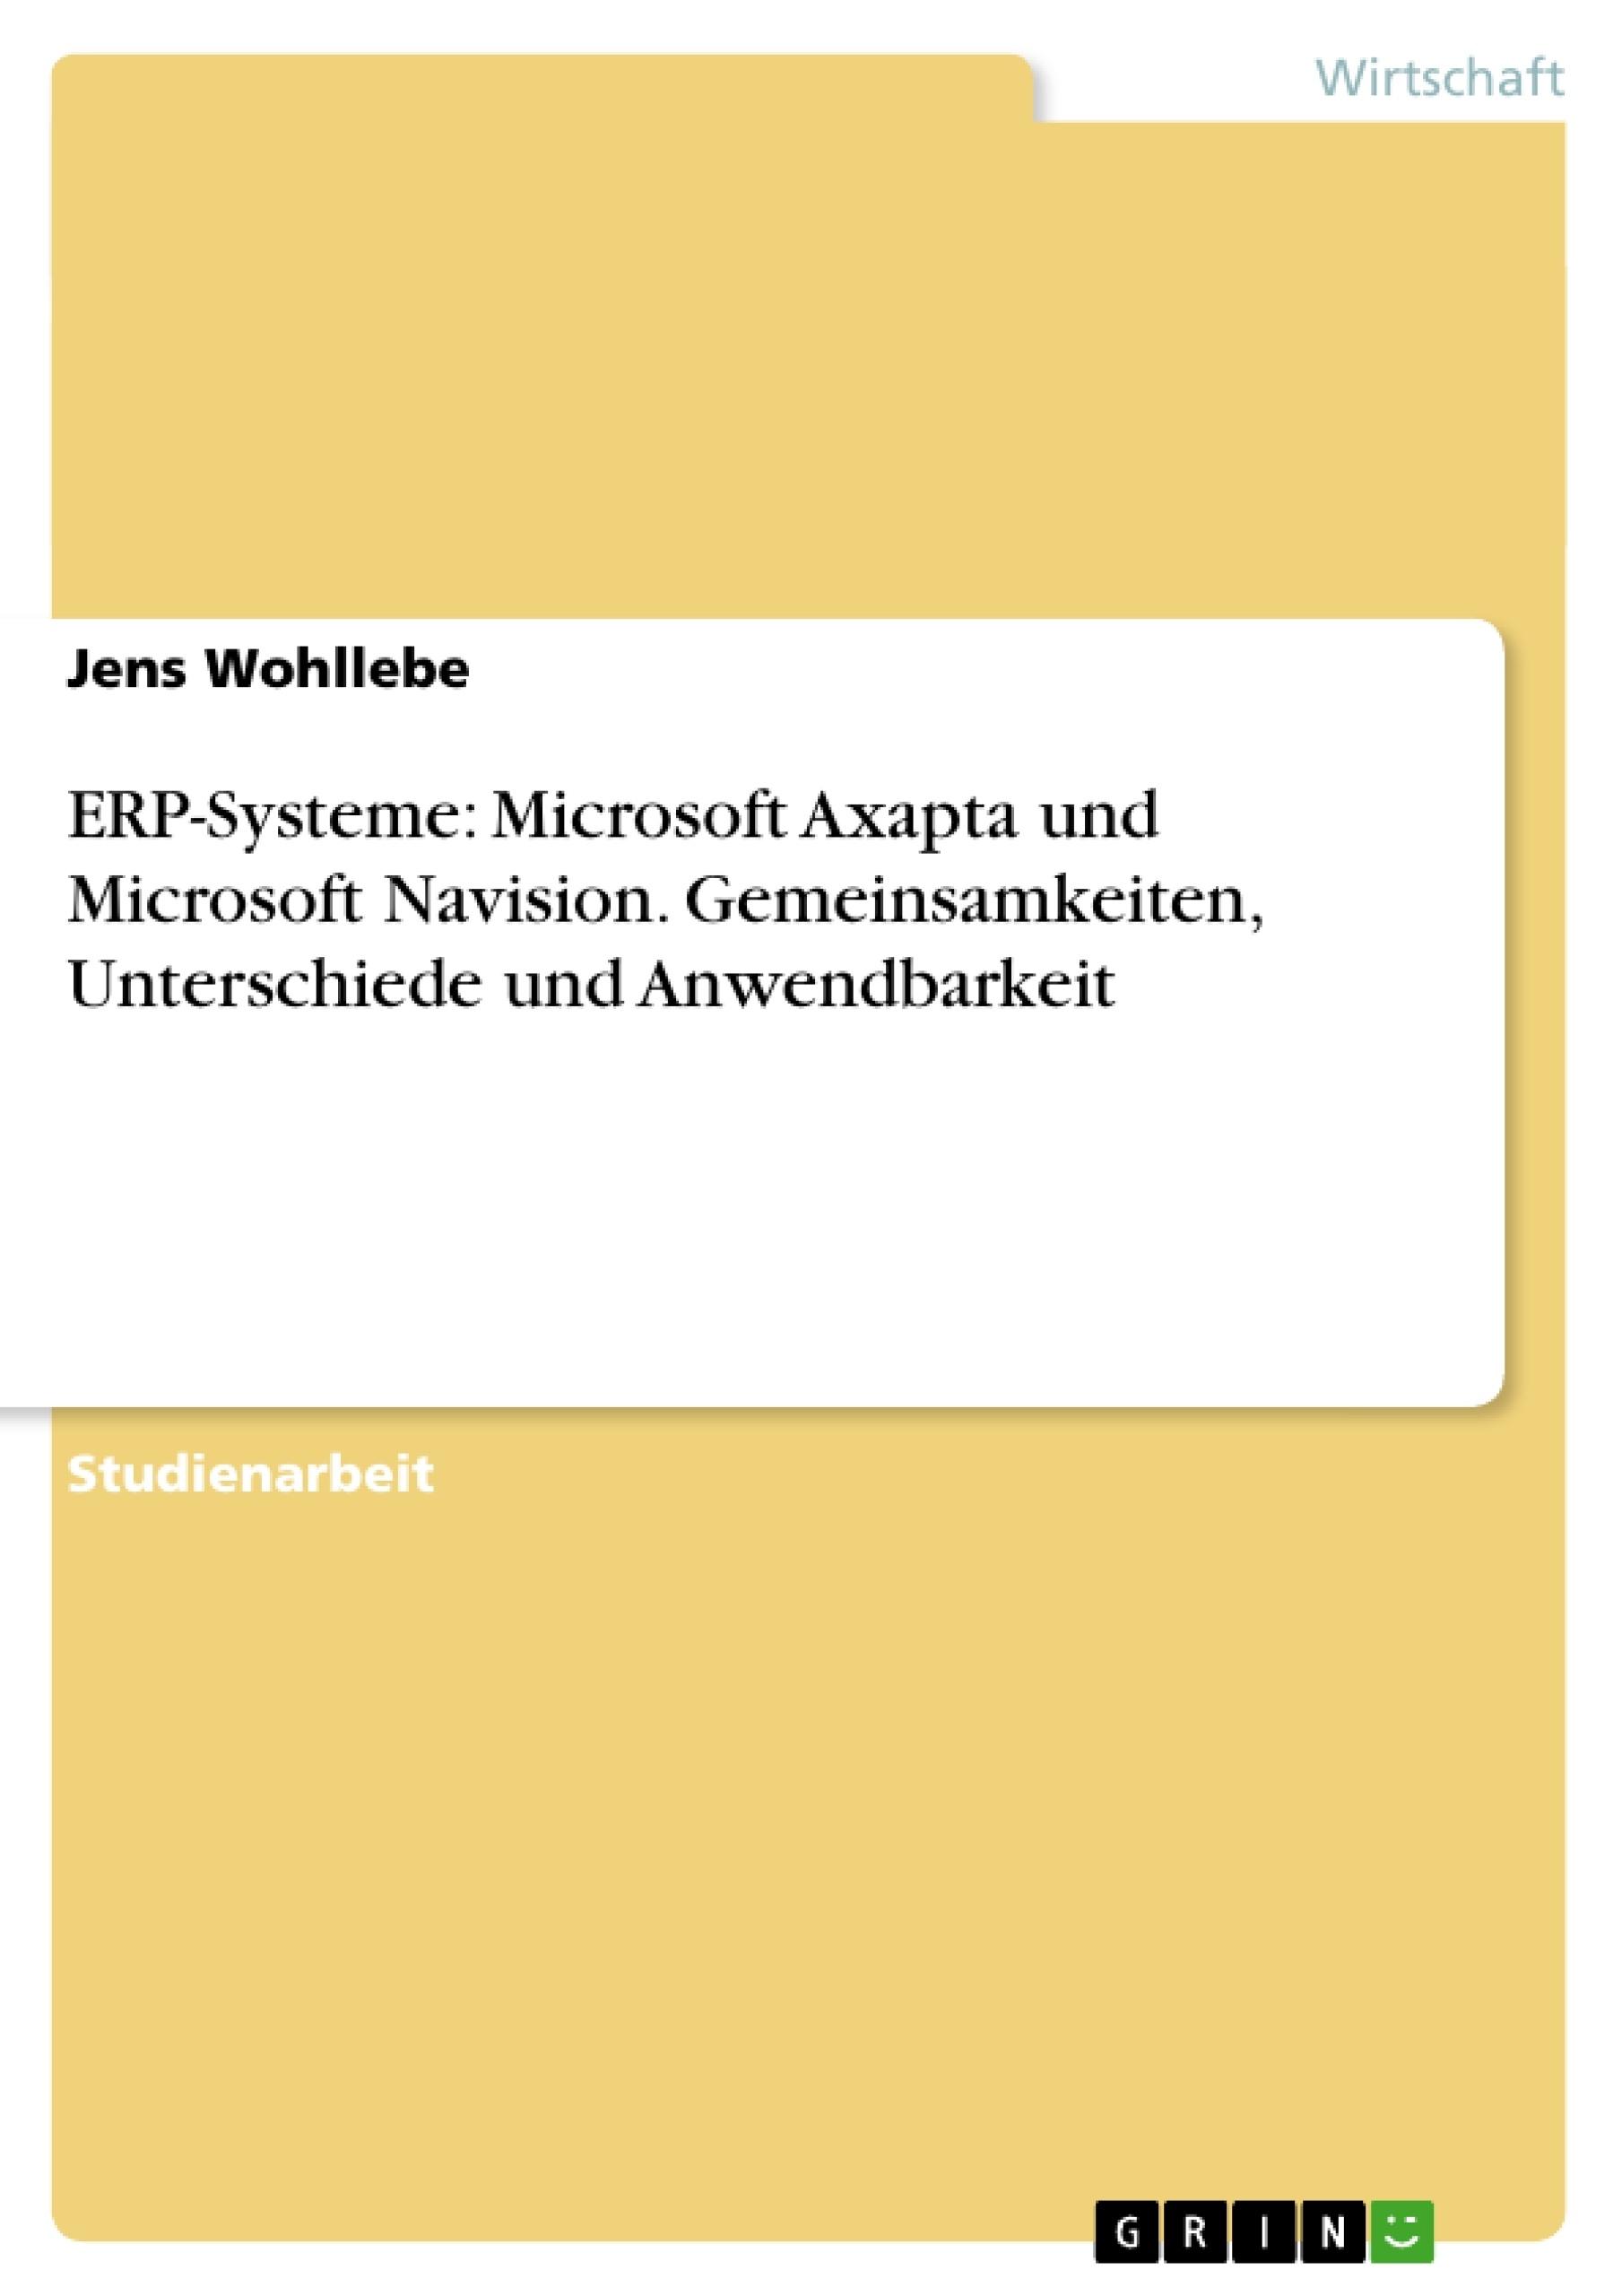 Titel: ERP-Systeme: Microsoft Axapta und Microsoft Navision. Gemeinsamkeiten, Unterschiede und Anwendbarkeit